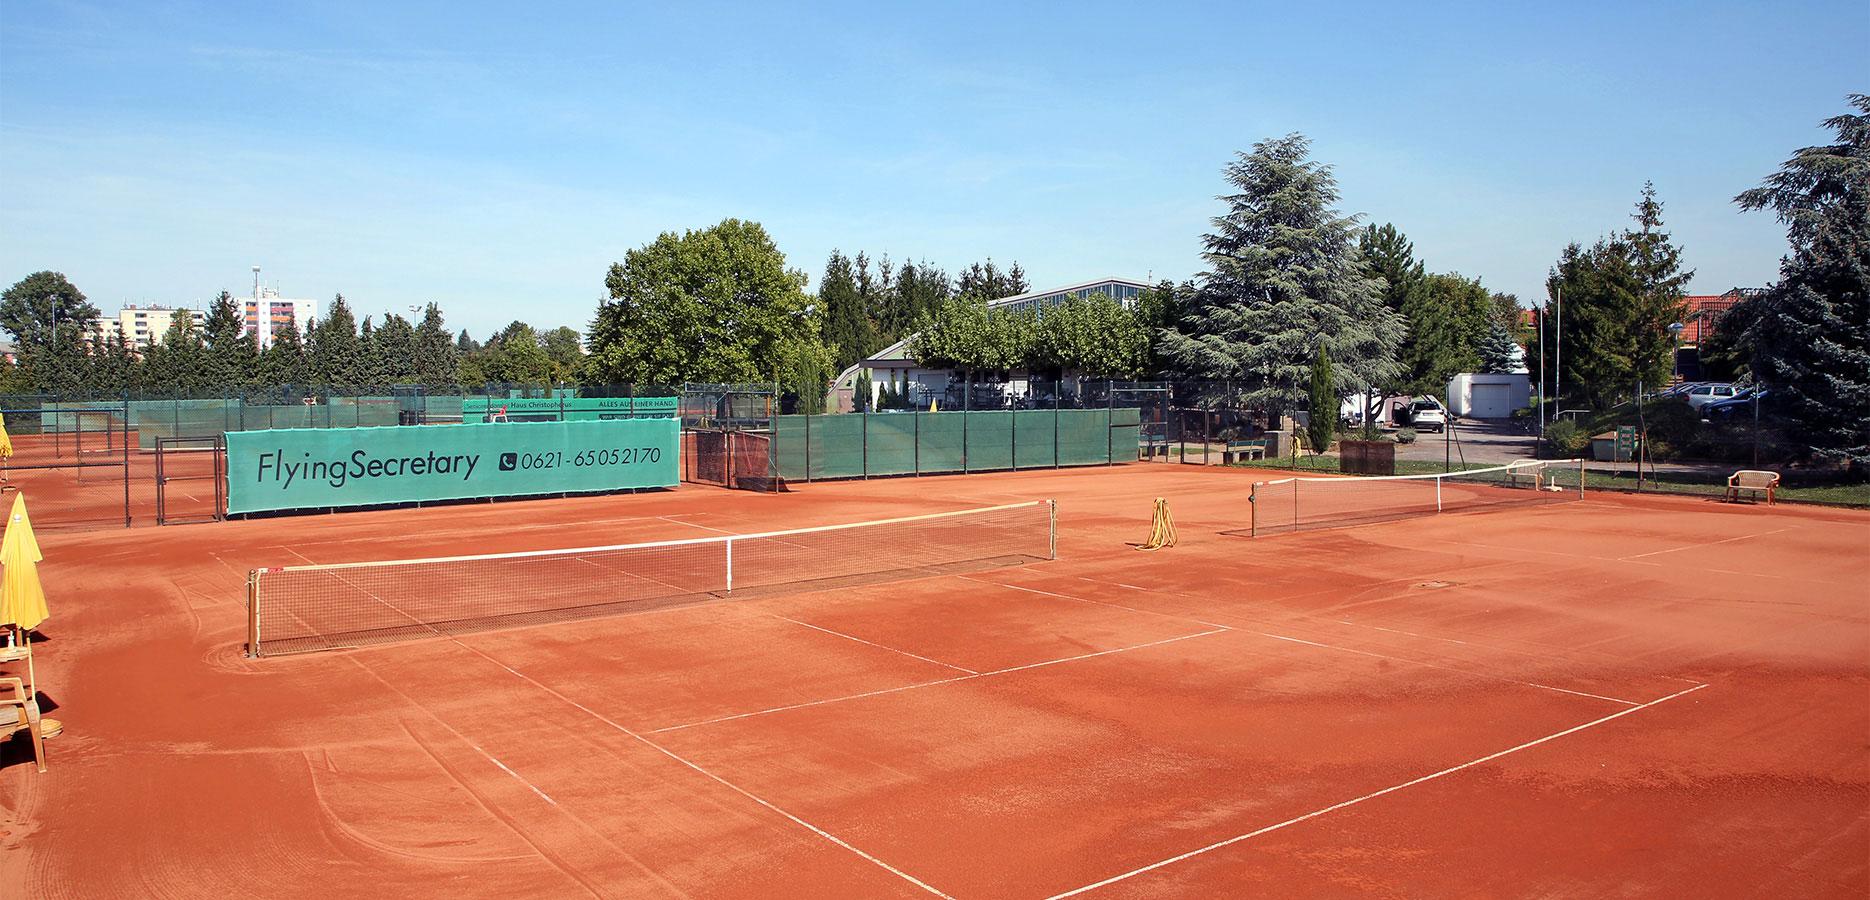 tennisclub-oppau-tennis-in-ludwigshafen-galerie-3